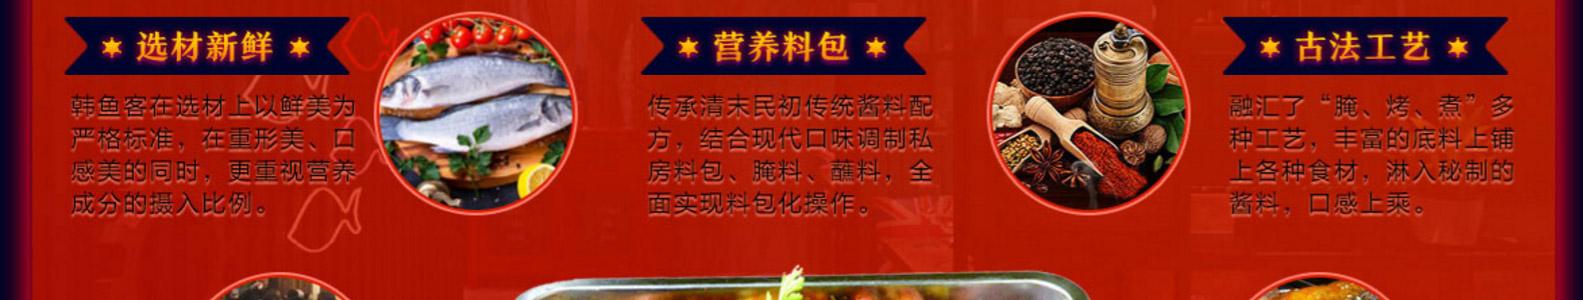 韓魚客烤魚韓魚客烤魚_12